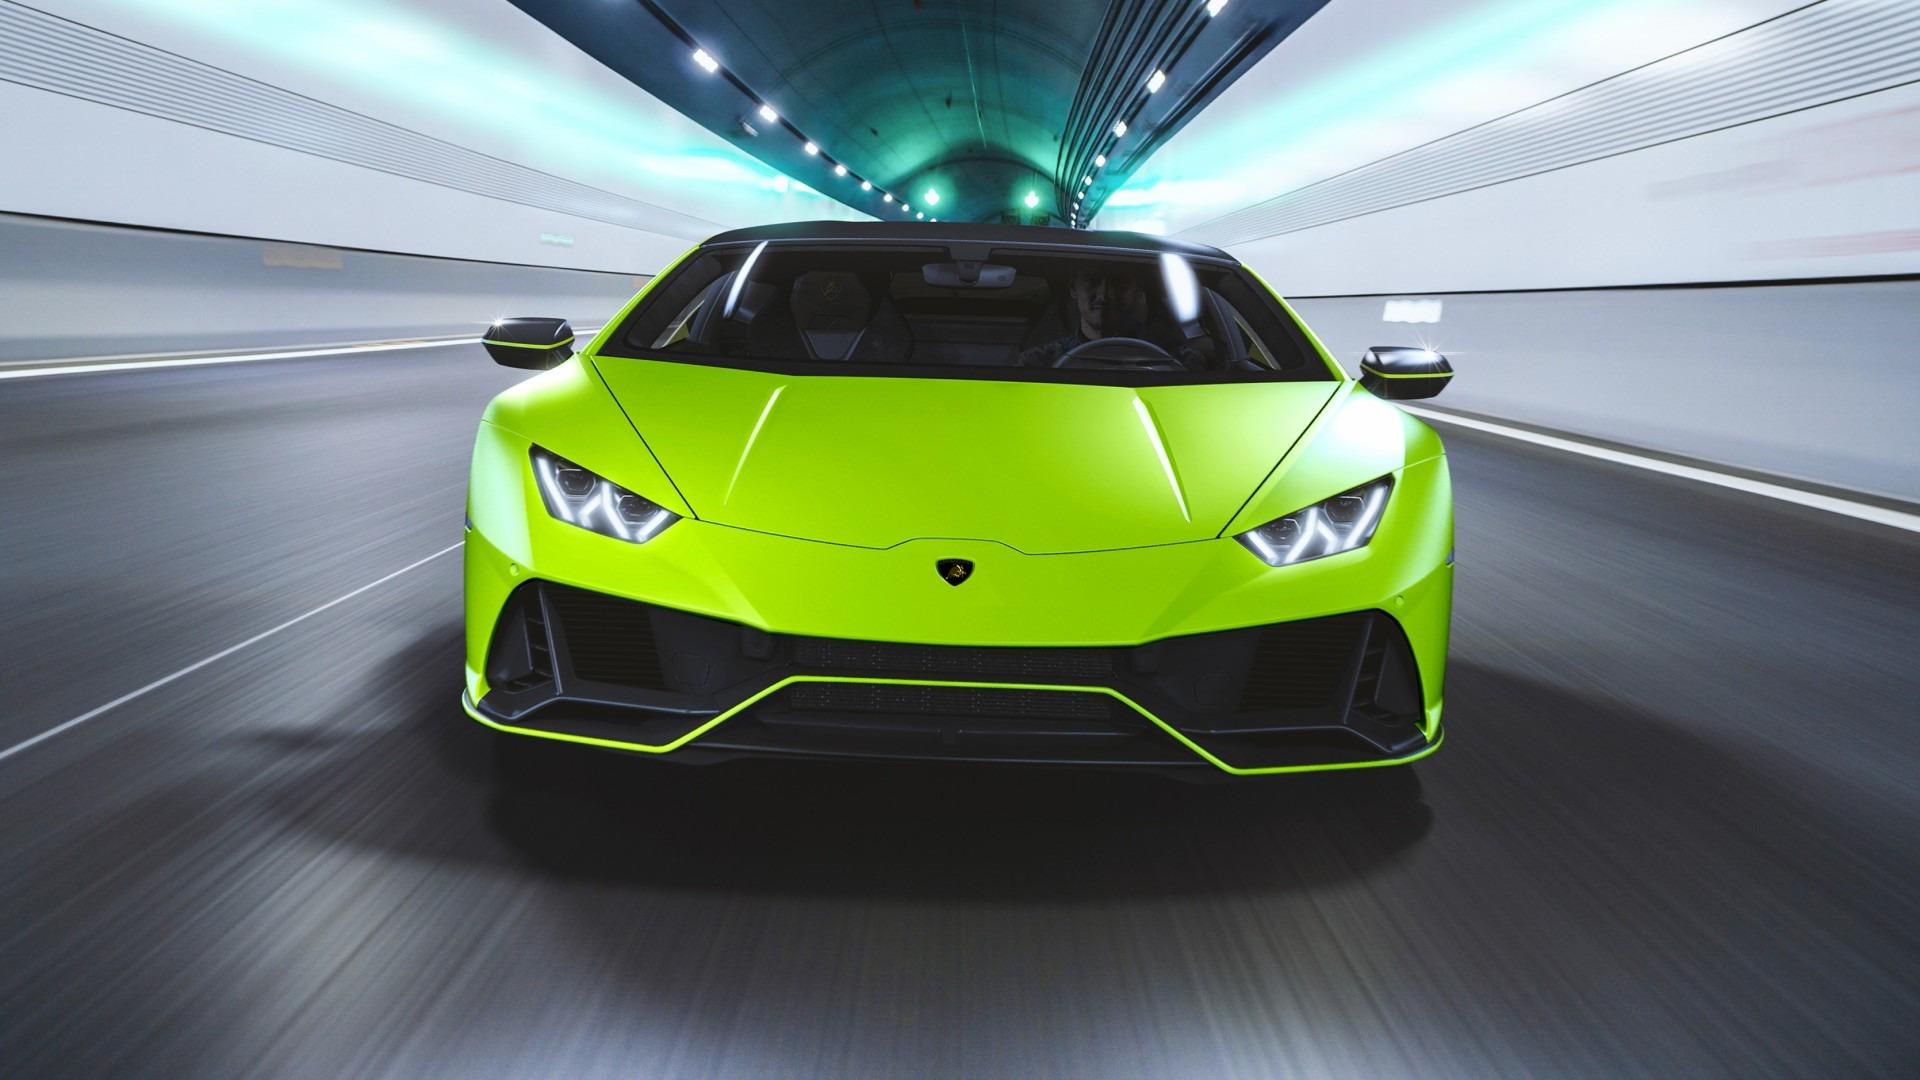 El Lamborghini Huracán EVO Fluo Capsule llama la atención más de lo normal